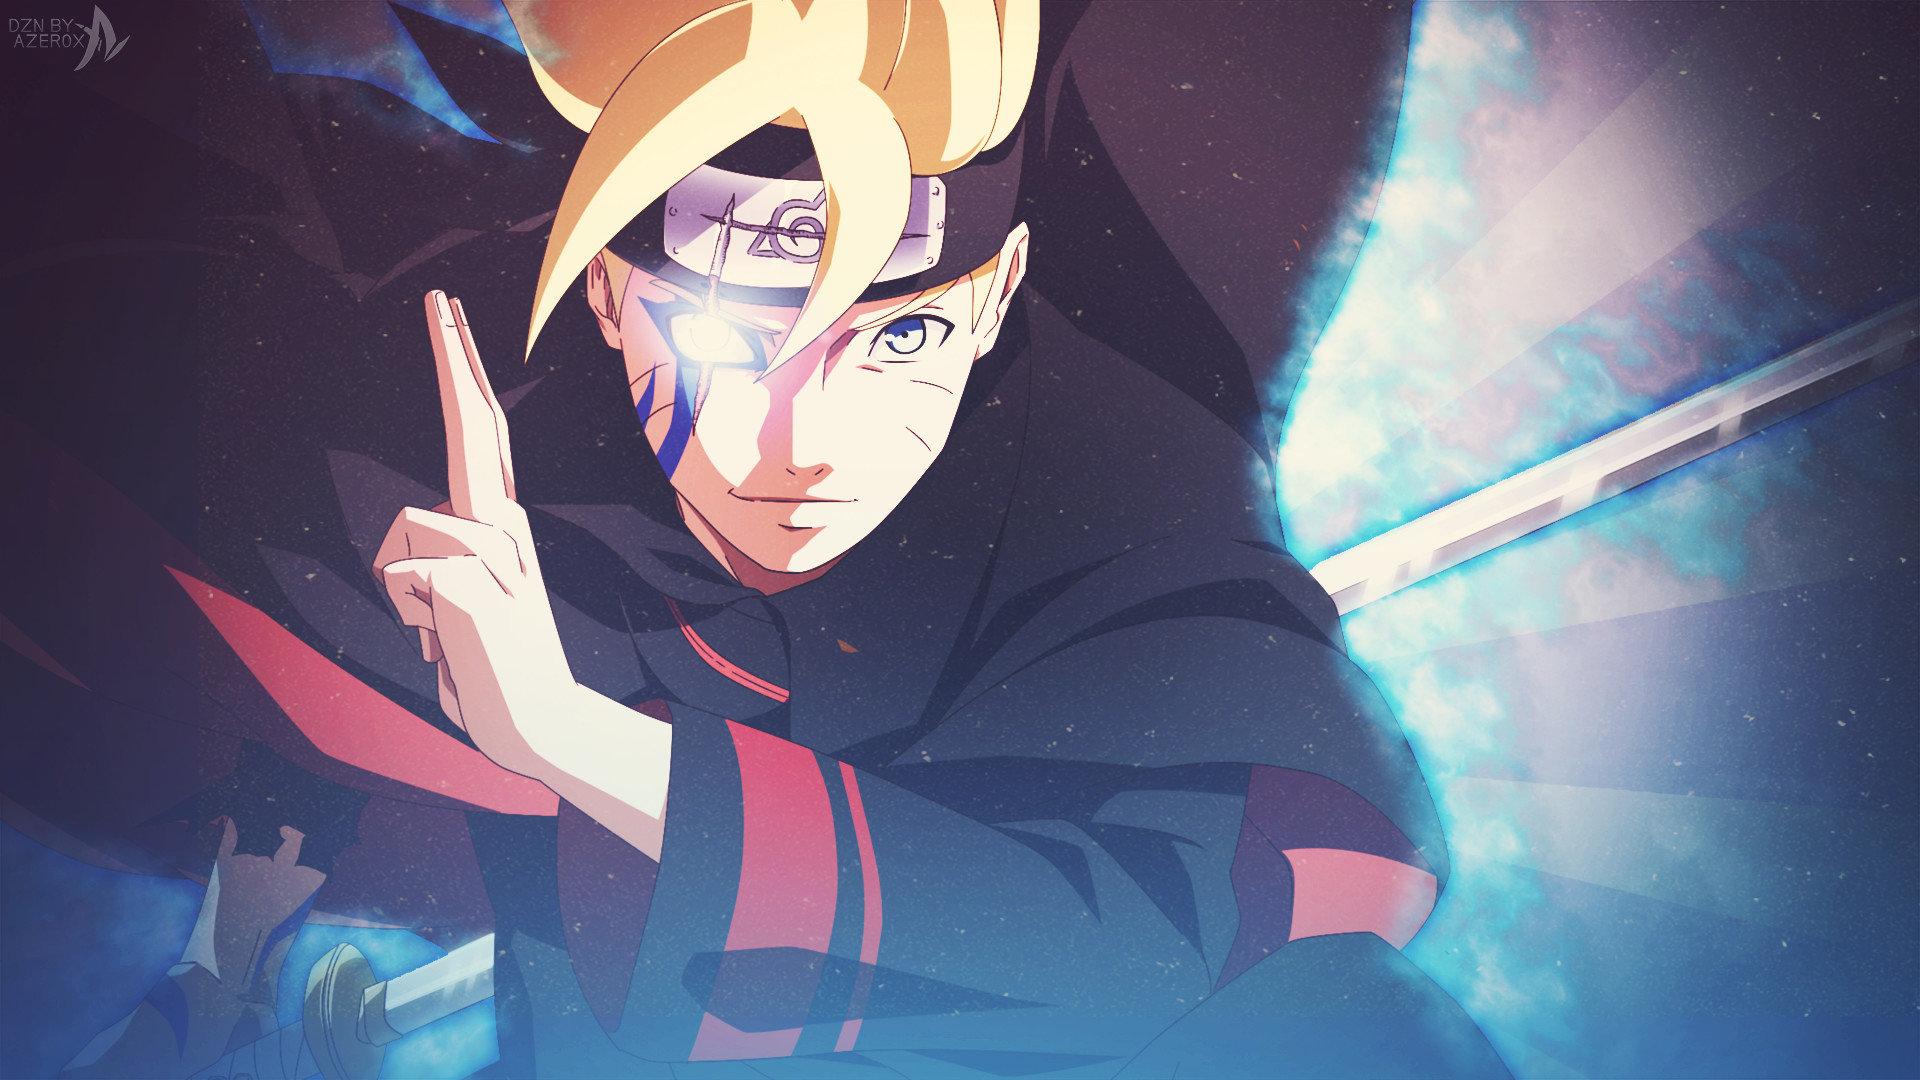 Free Download Boruto Naruto The Movie Wallpaper Id 327519 Full Hd